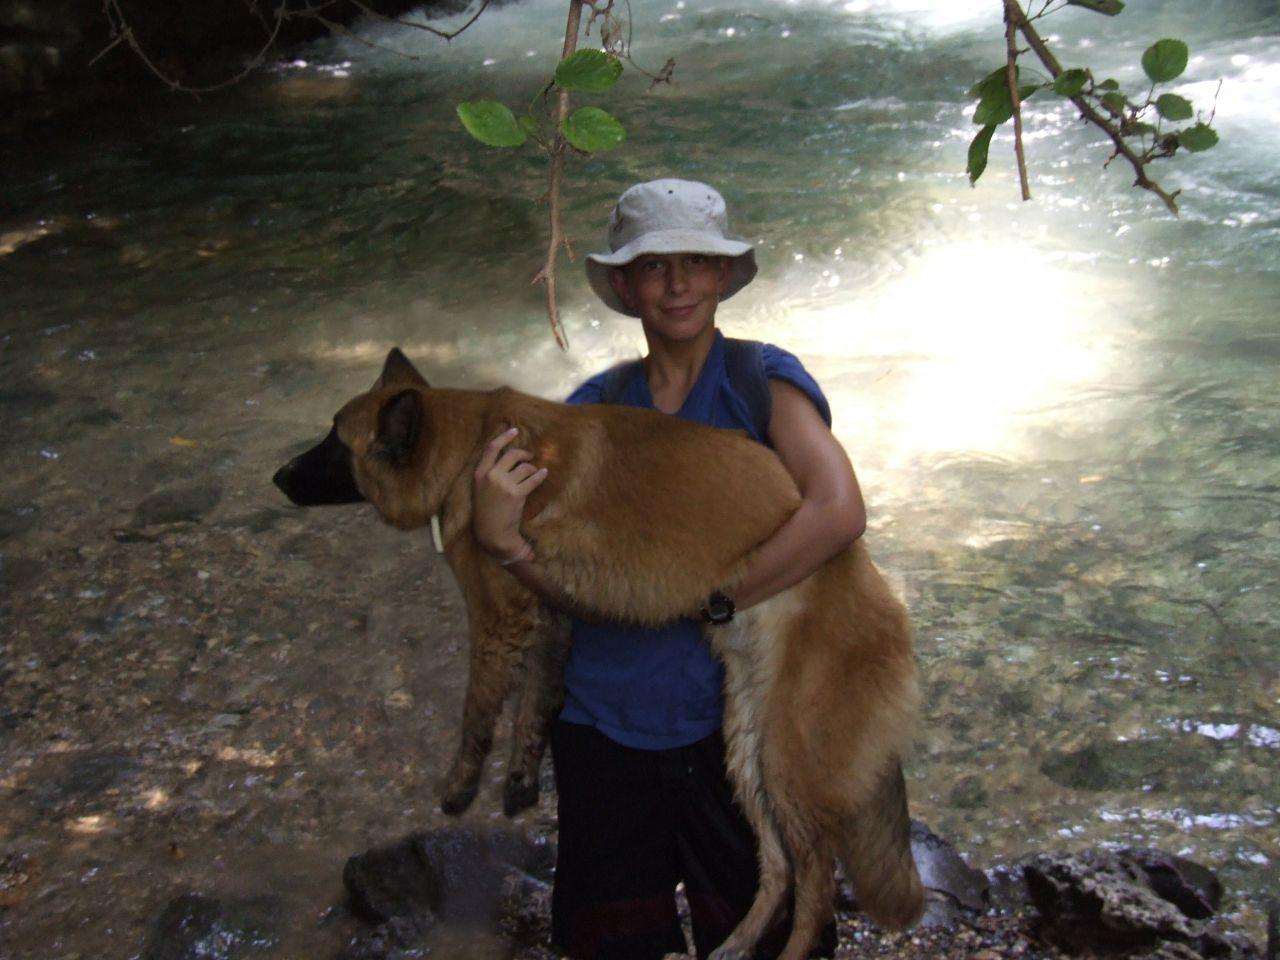 קיץ תשסז ישי בן 12 בחד נס עם פוקס הכלבה שלו